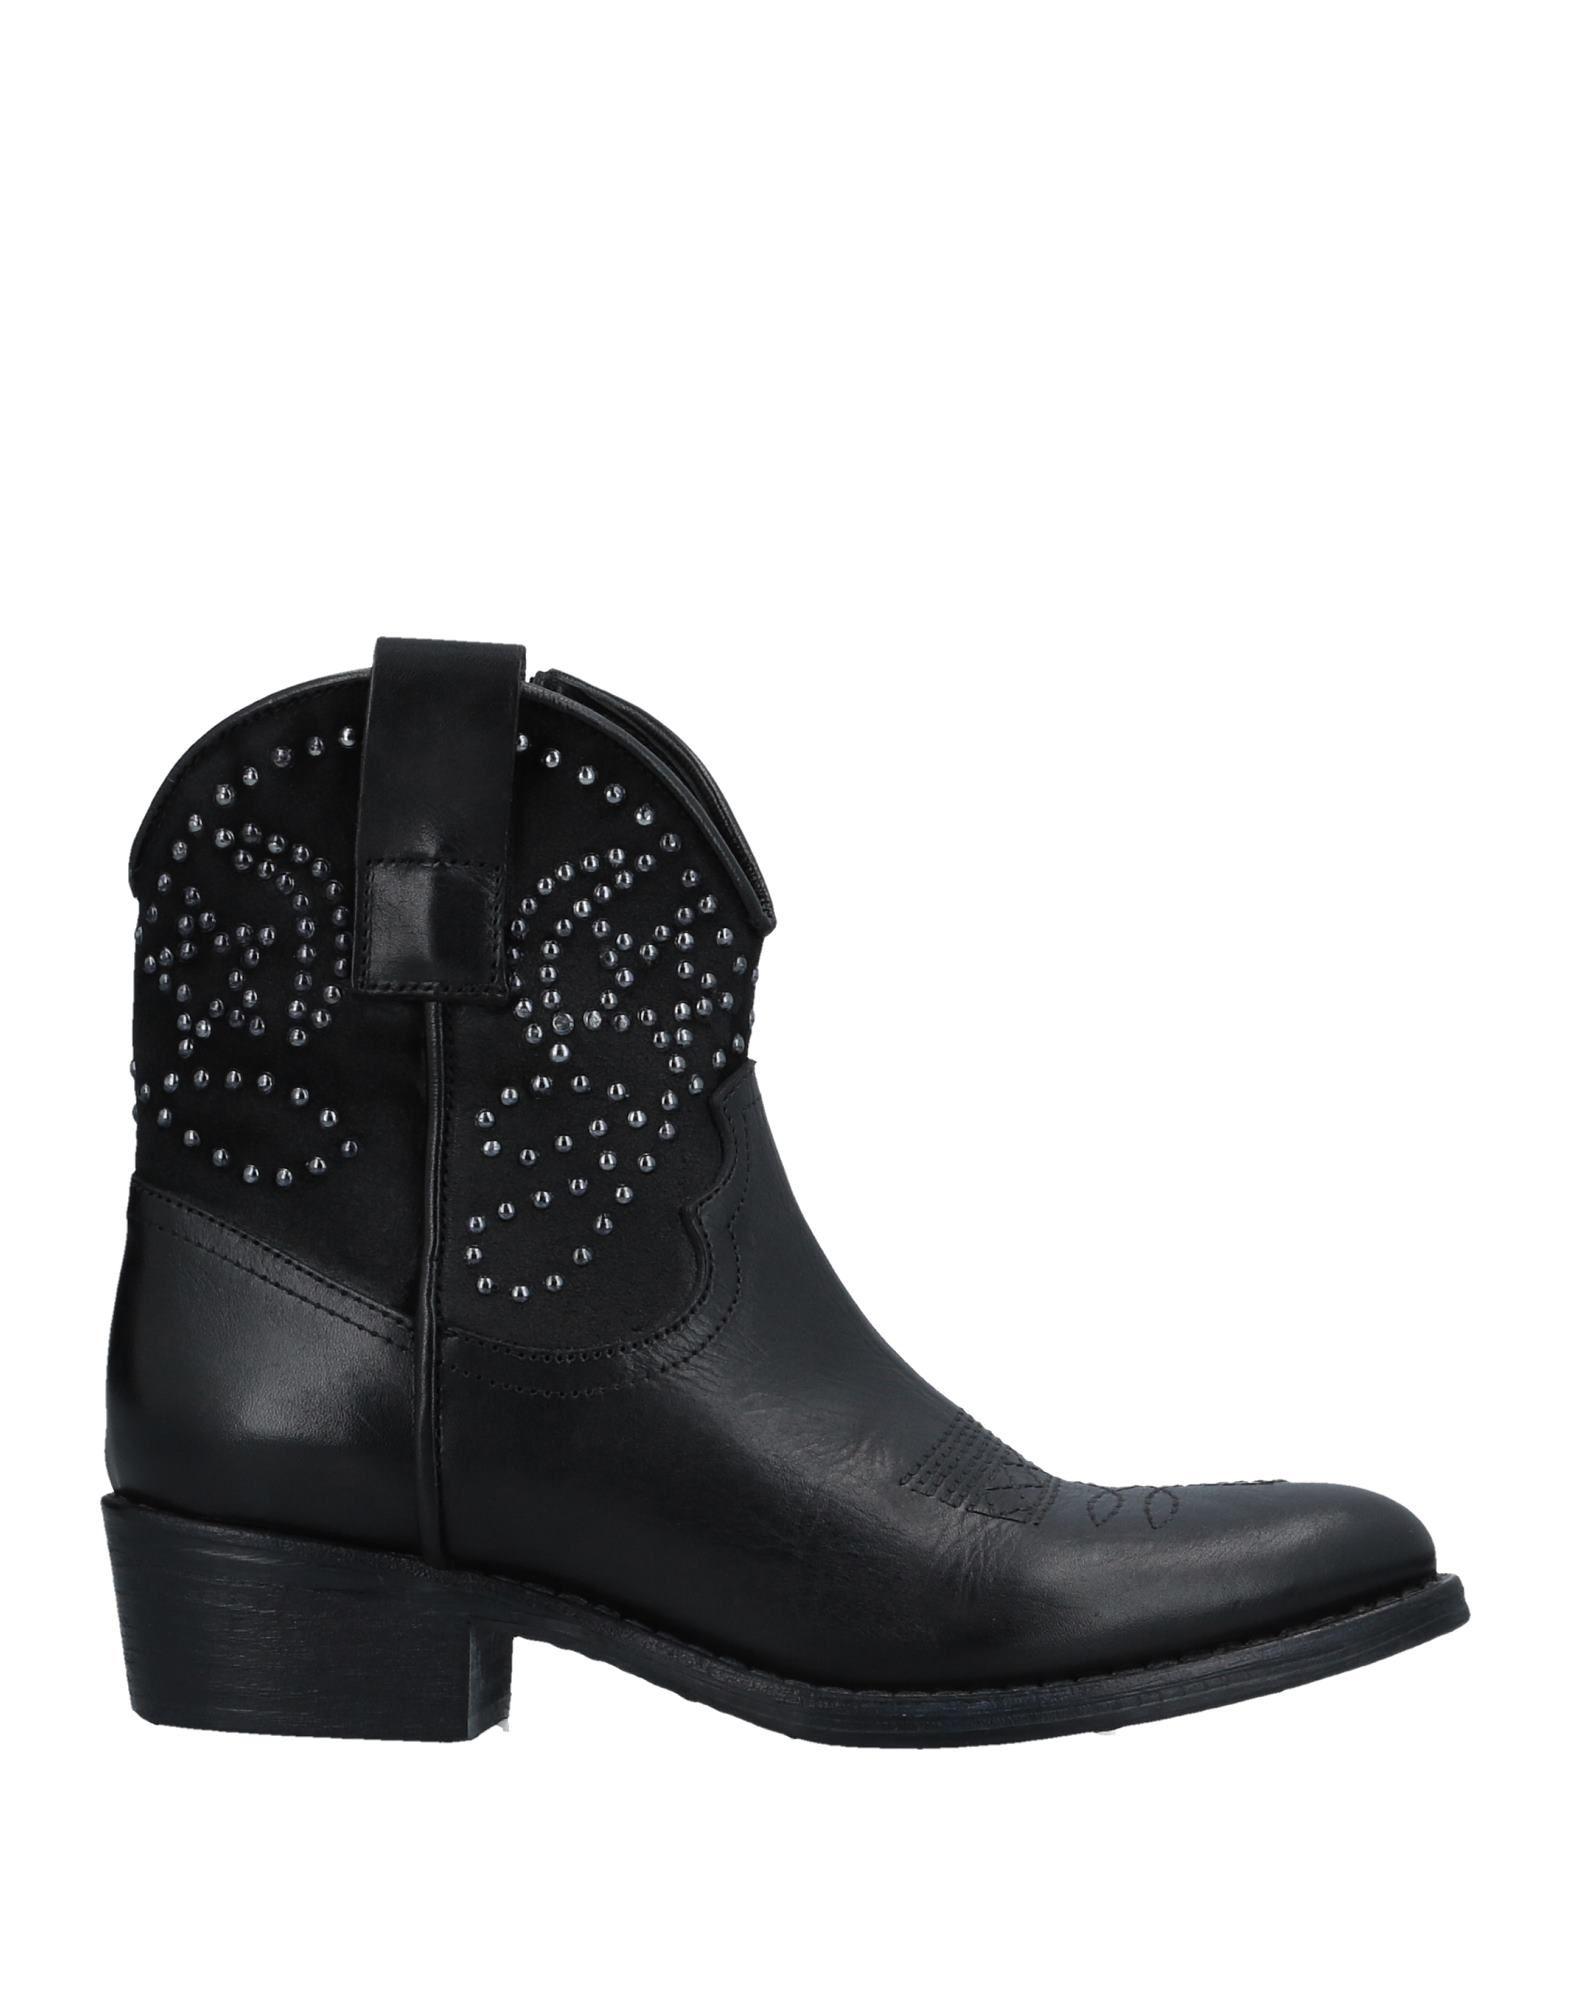 Zoe Stiefelette Damen  11511805SR Gute Qualität beliebte Schuhe